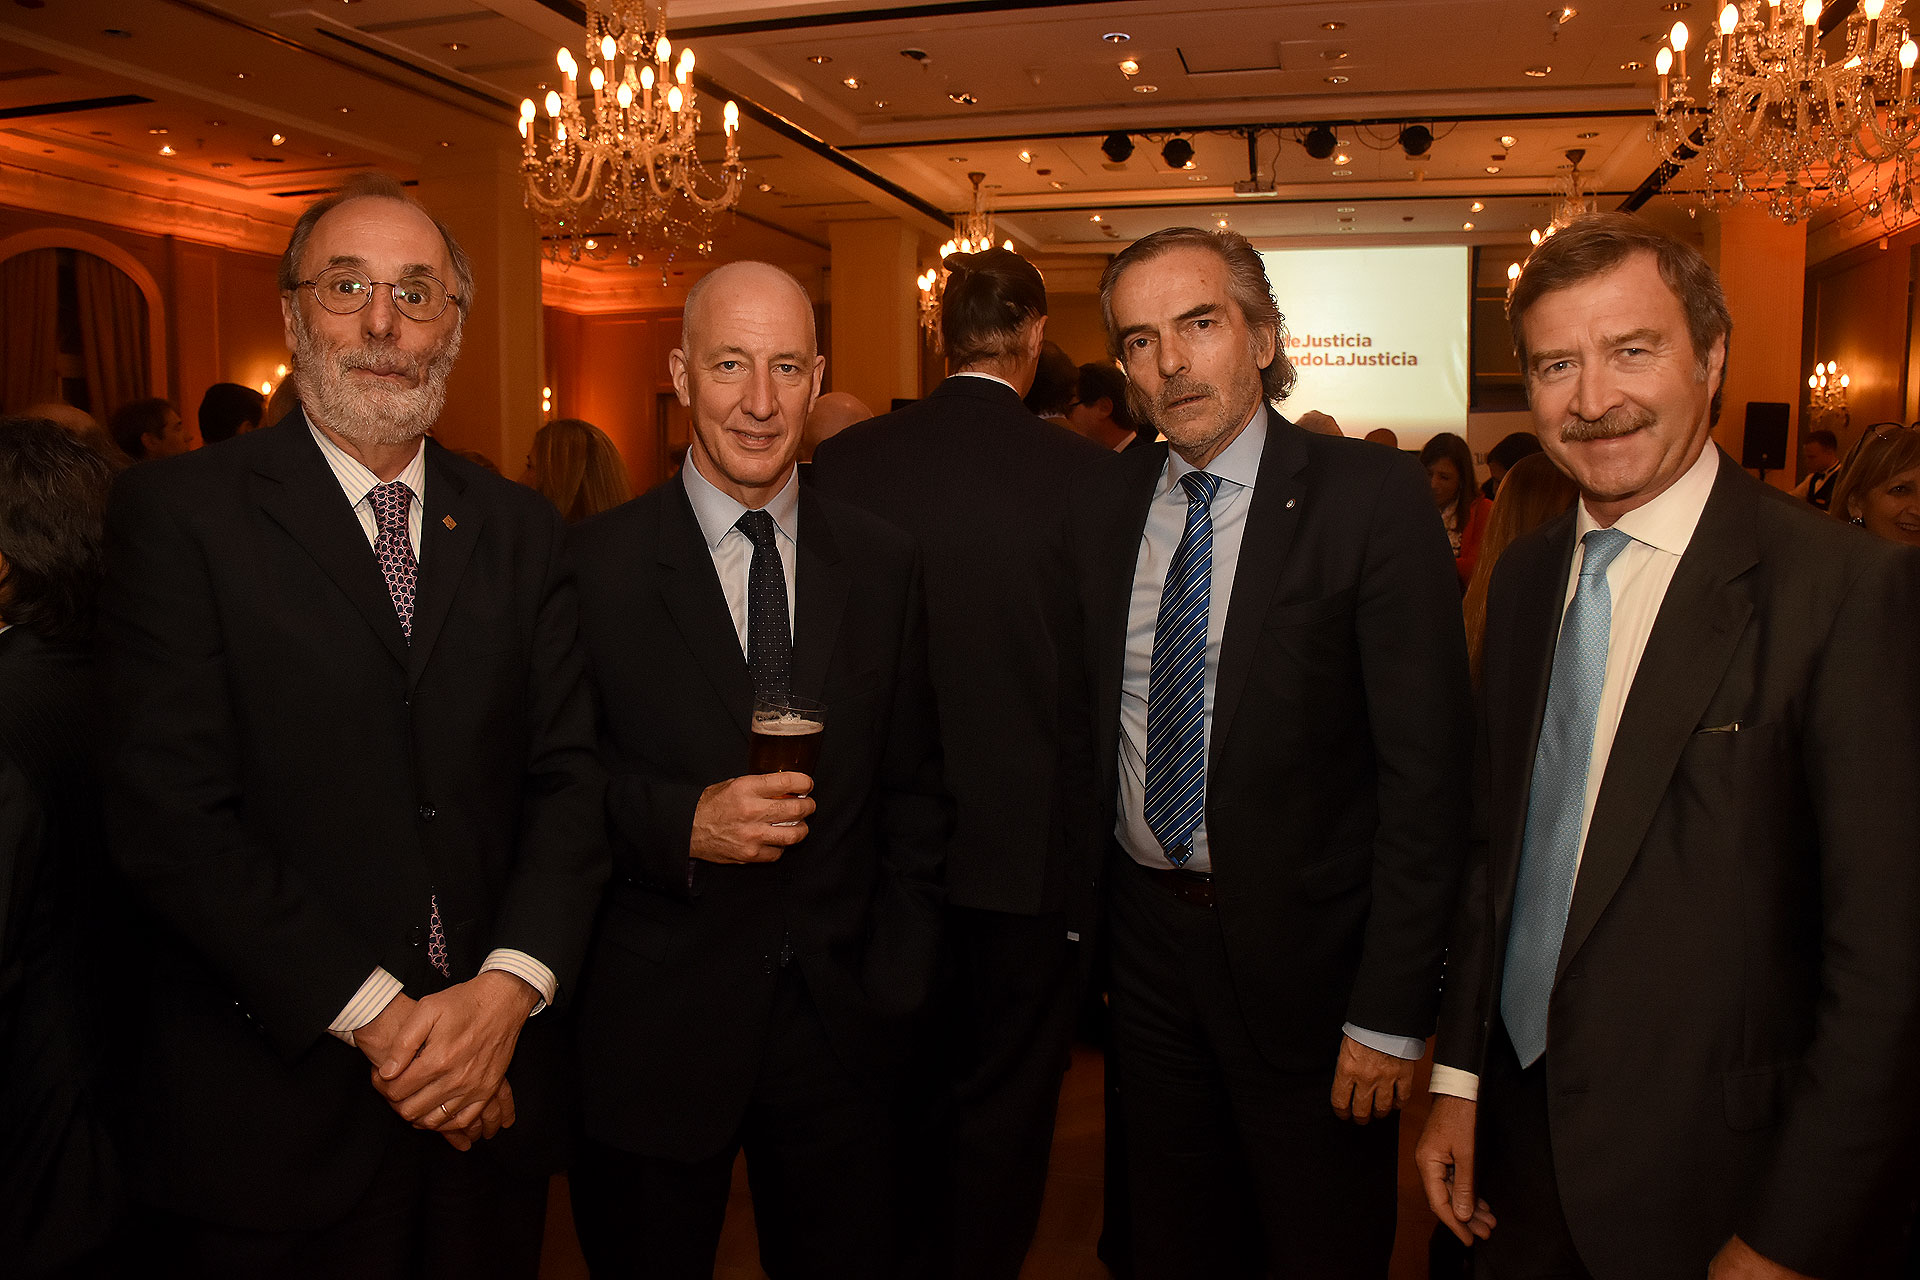 El diputado Pablo Tonelli, el embajador británico Mark Kent, el juez Gustavo Hornos y el presidente del Colegio de Abogados de la Ciudad de Buenos Aires Máximo Fonrouge